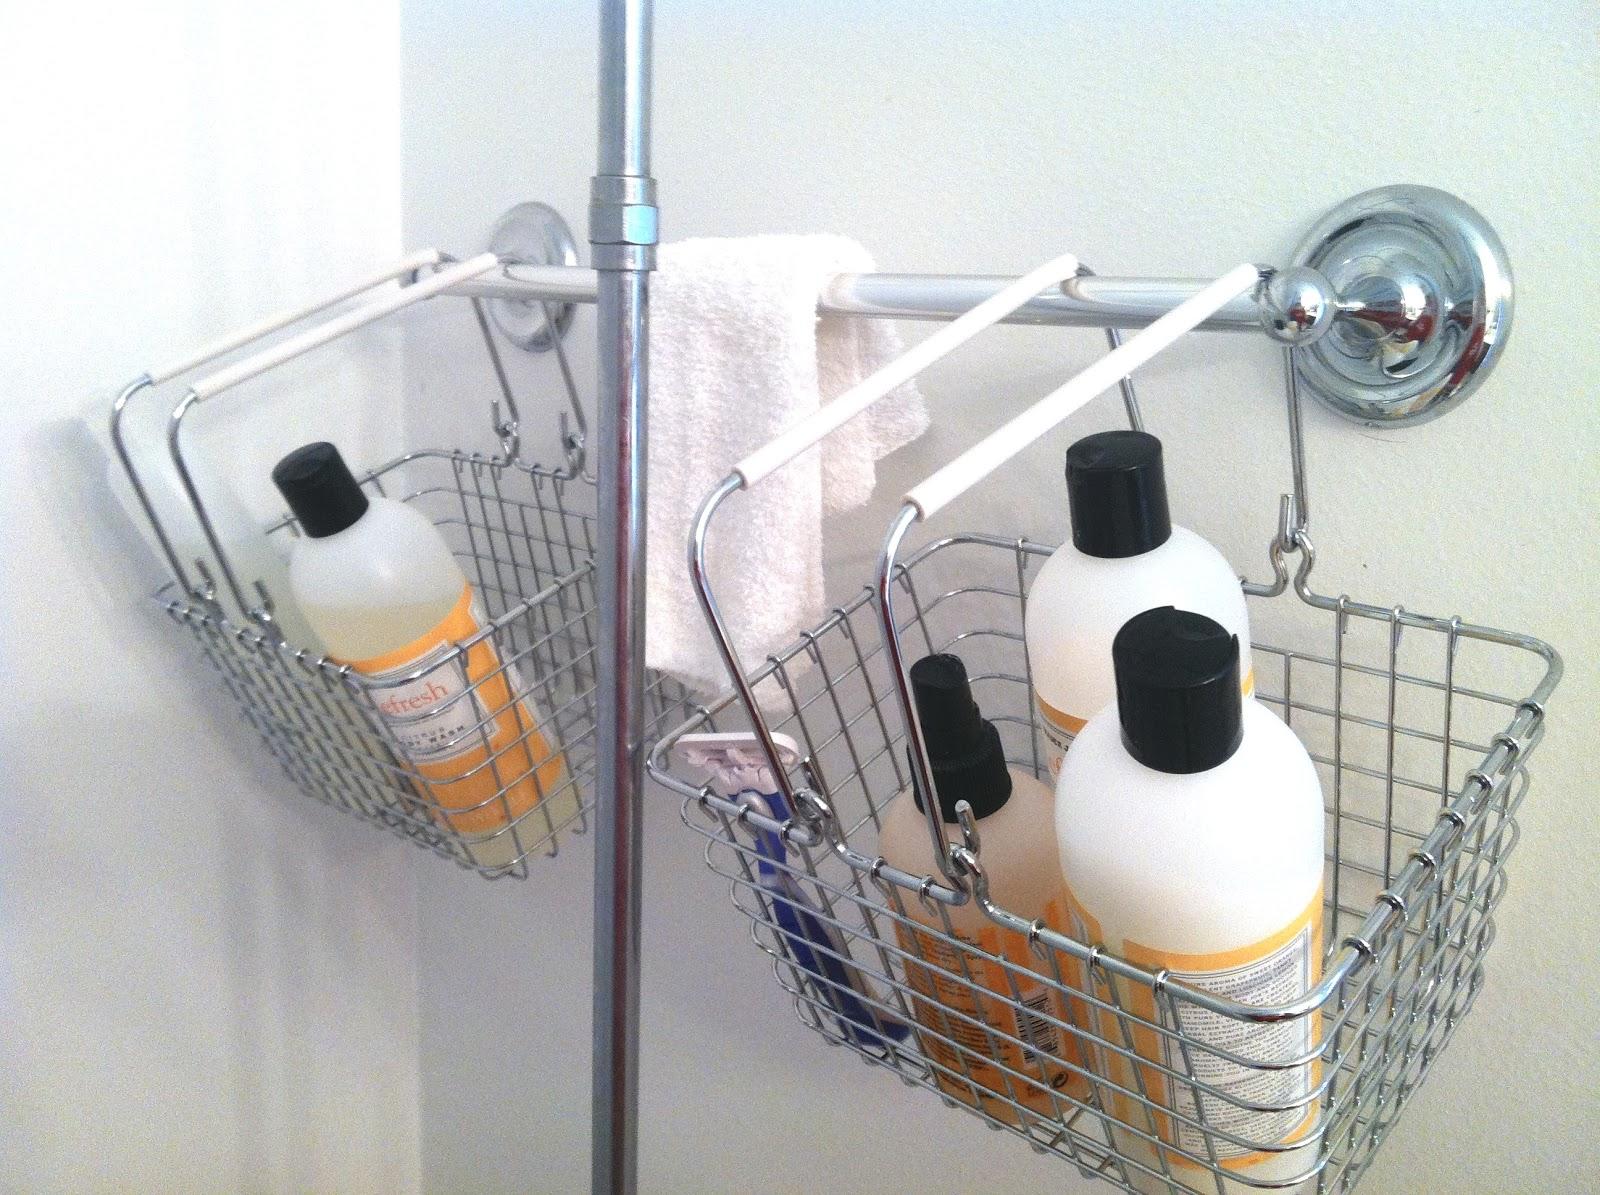 Beau My Clawfoot Tub Storage Solution